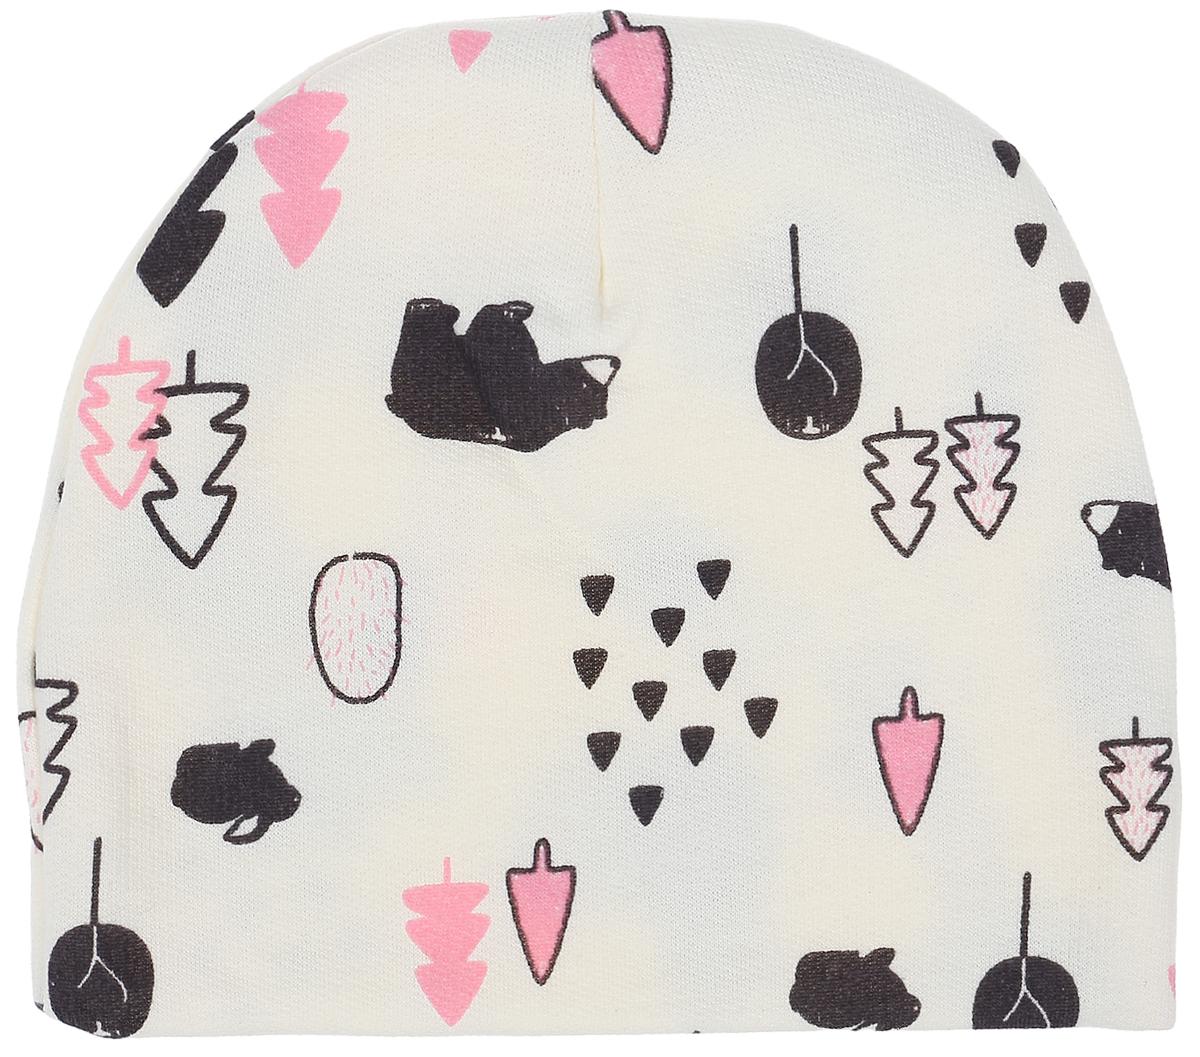 Шапочка для девочки КотМарКот, цвет: молочный, розовый. 8517. Размер 488517Комфортная шапочка КотМарКот изготовлена из натурального хлопка. Шапочка необходима любому младенцу, она защищает еще не заросший родничок, щадит чувствительный слух малыша, прикрывая ушки, а также предохраняет от теплопотери. Модель оформлена принтом.